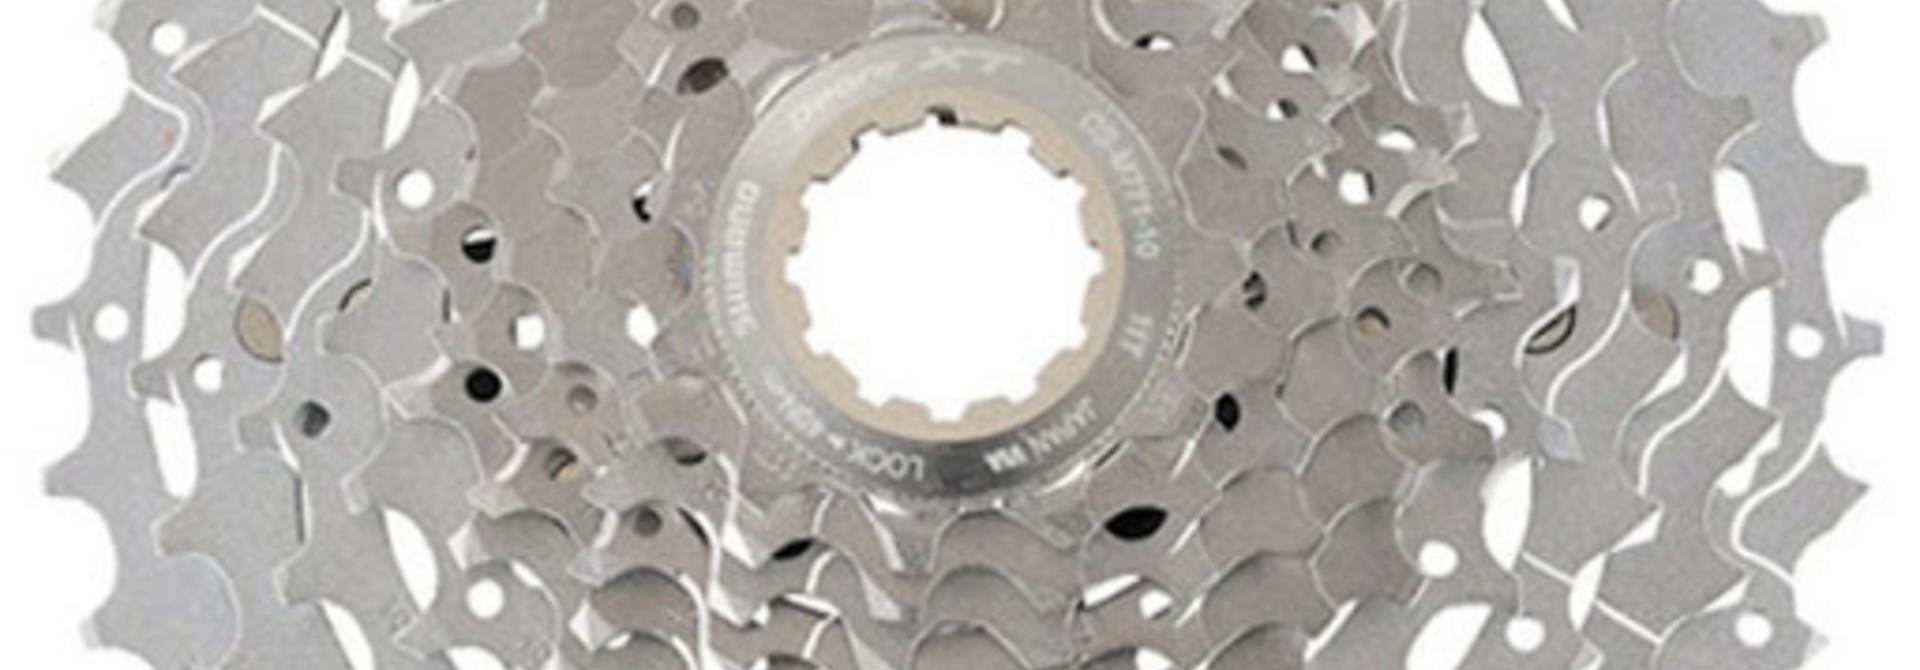 CASSETTE SPROCKET, 11-32 CS-M771-10, DEORE XT, 10-SPEED